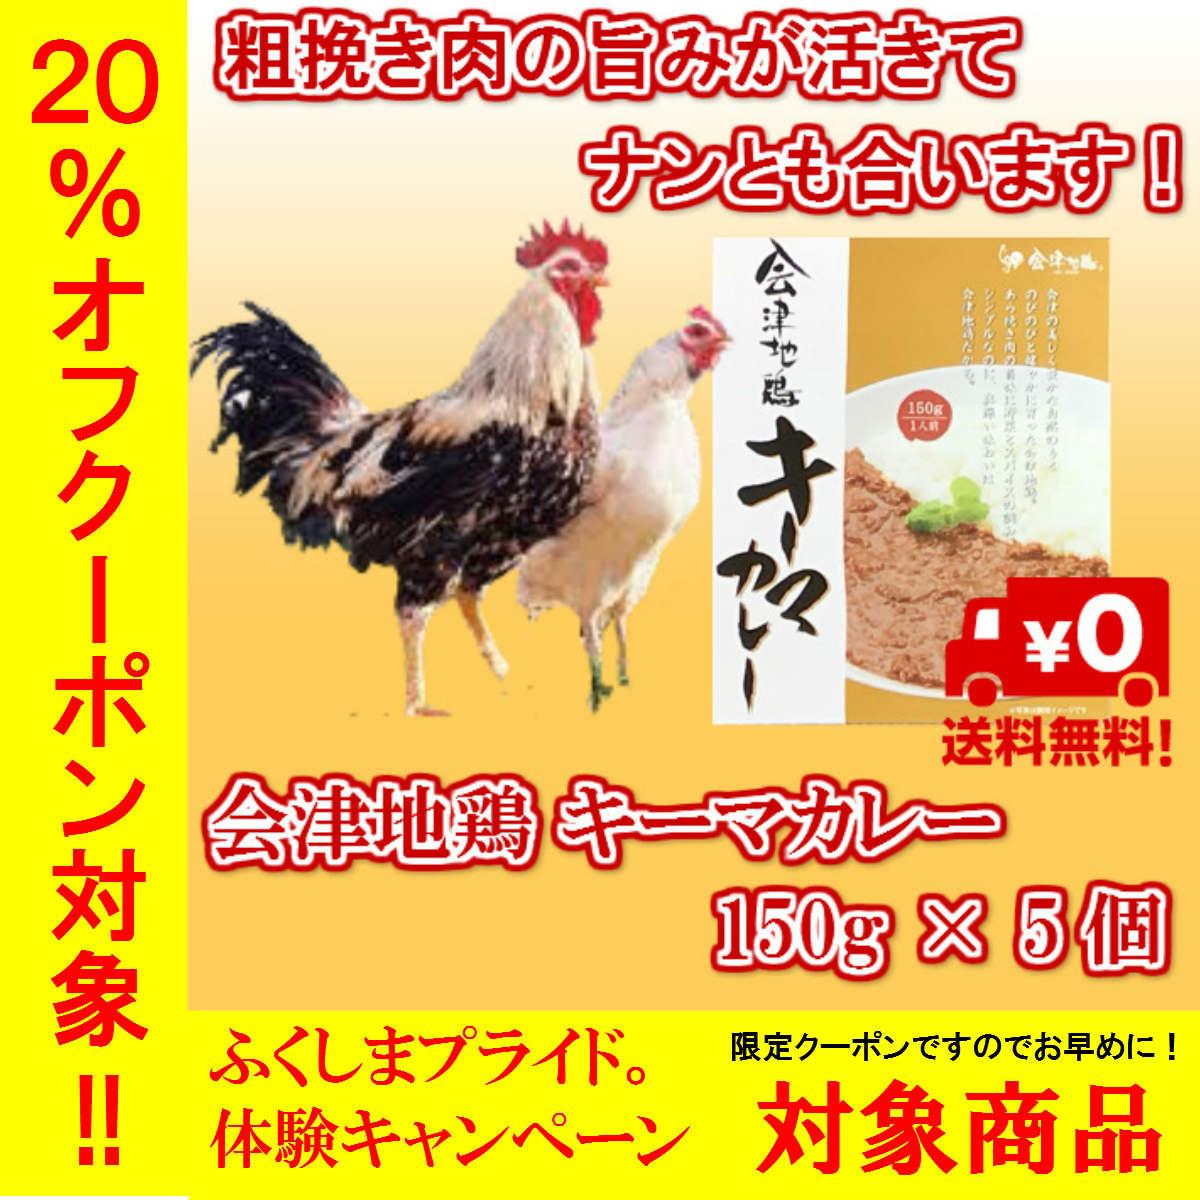 会津地鶏 キーマカレー カレー レトルト 詰合せ 会津地鶏ネット 送料無料 150g x 5個 ふくしまプライド